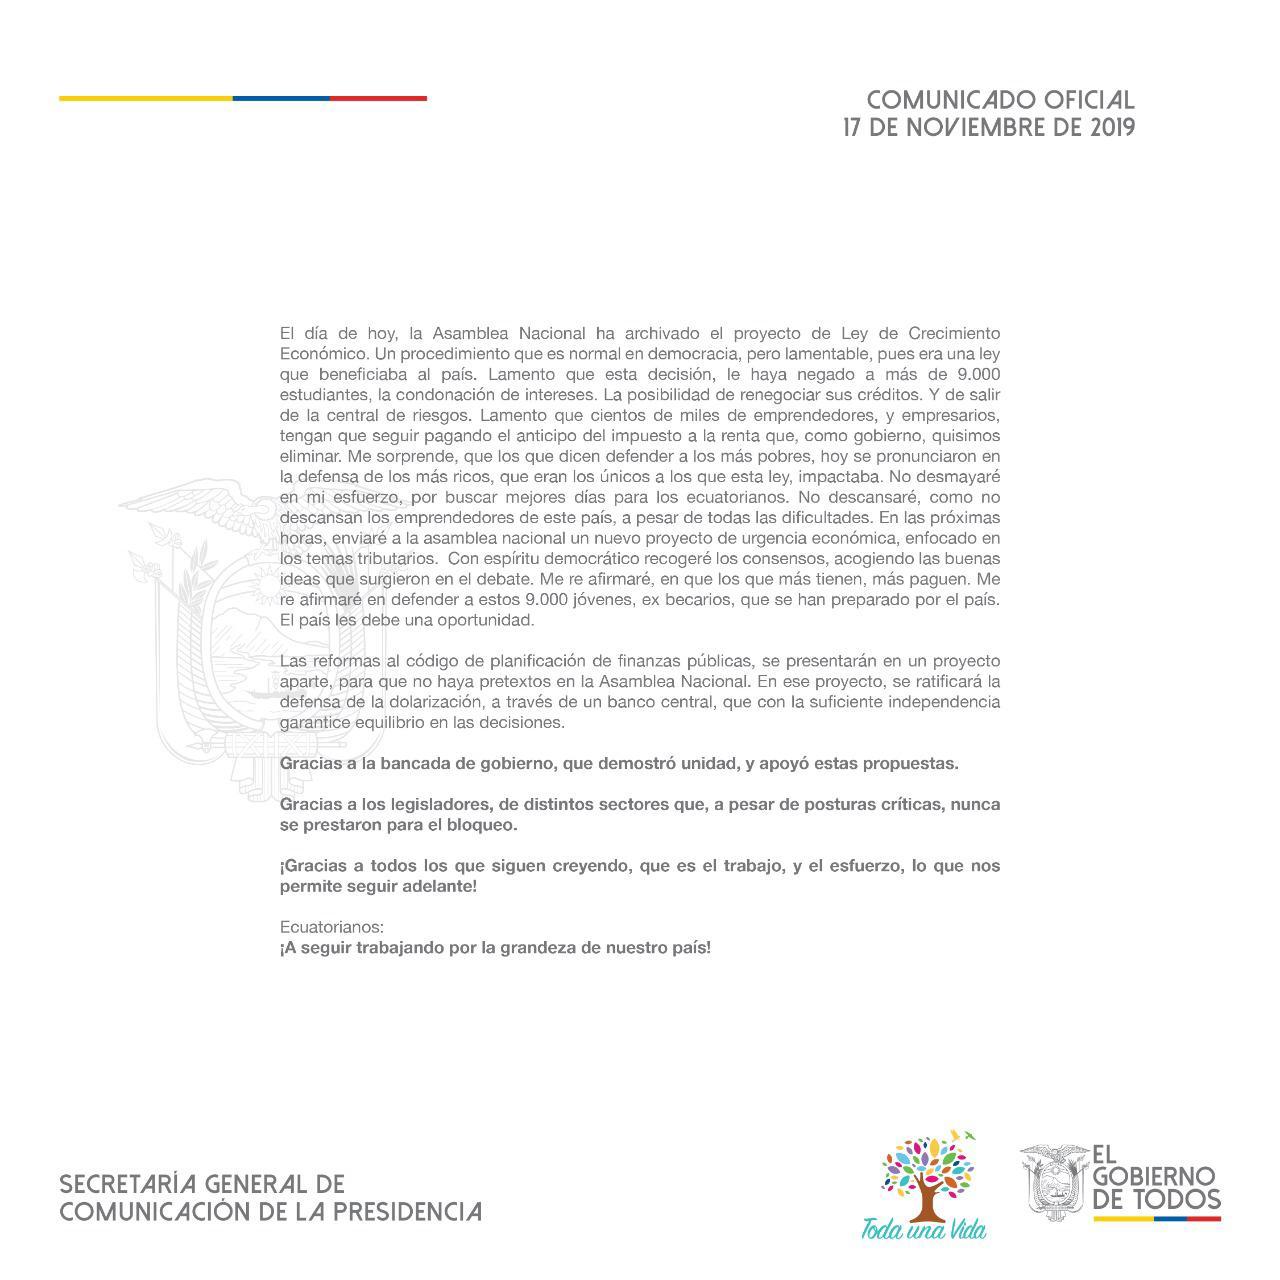 Comunicado Oficial de la Presidencia de la República, 17 de Noviembre de 2019